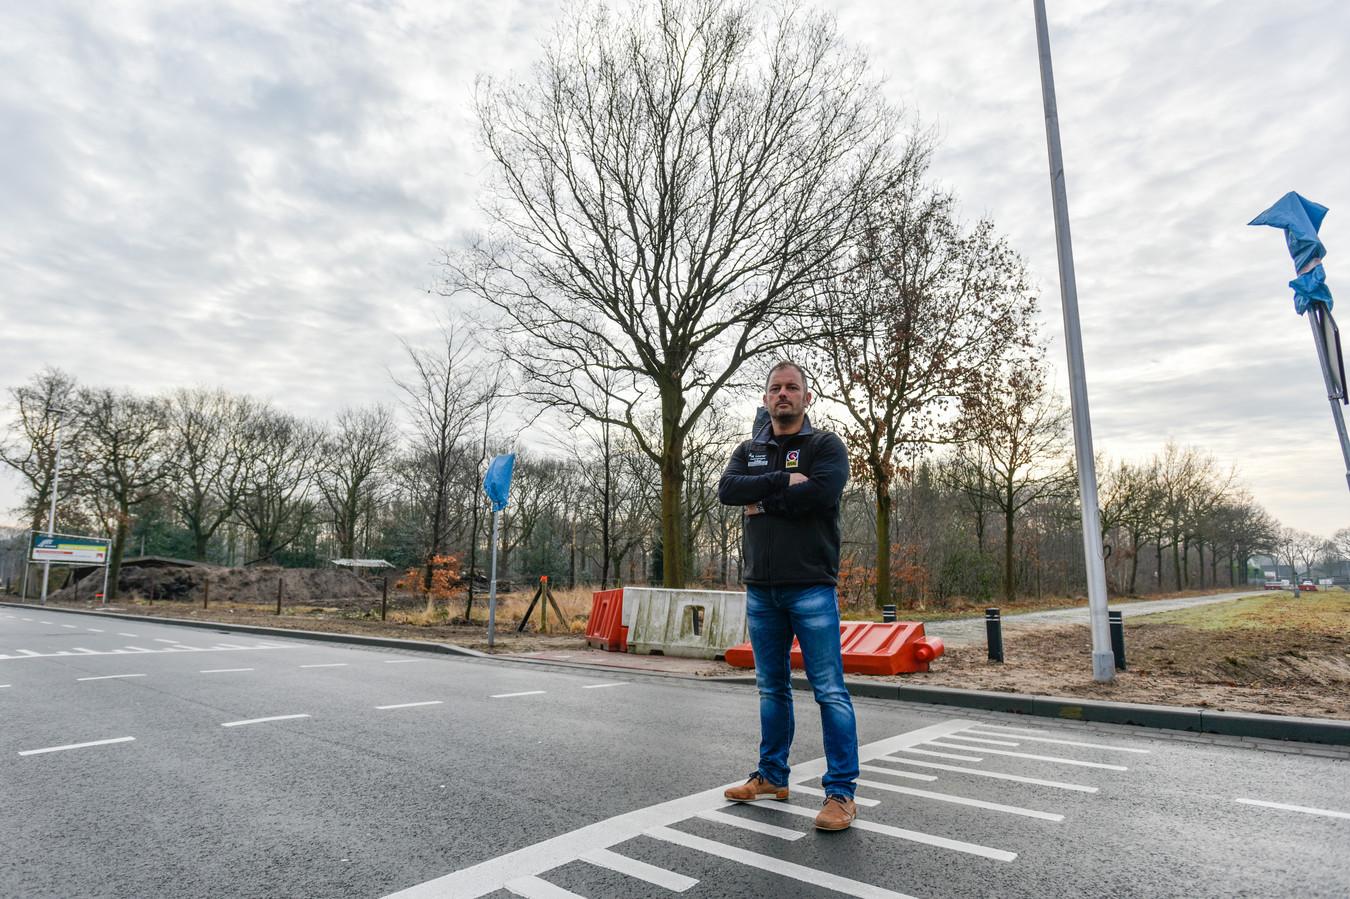 Kees Laurier op de kruising De Bosschen met de Christiaan Huygensweg in Drunen. Heusden blijft bij de afsluiting.